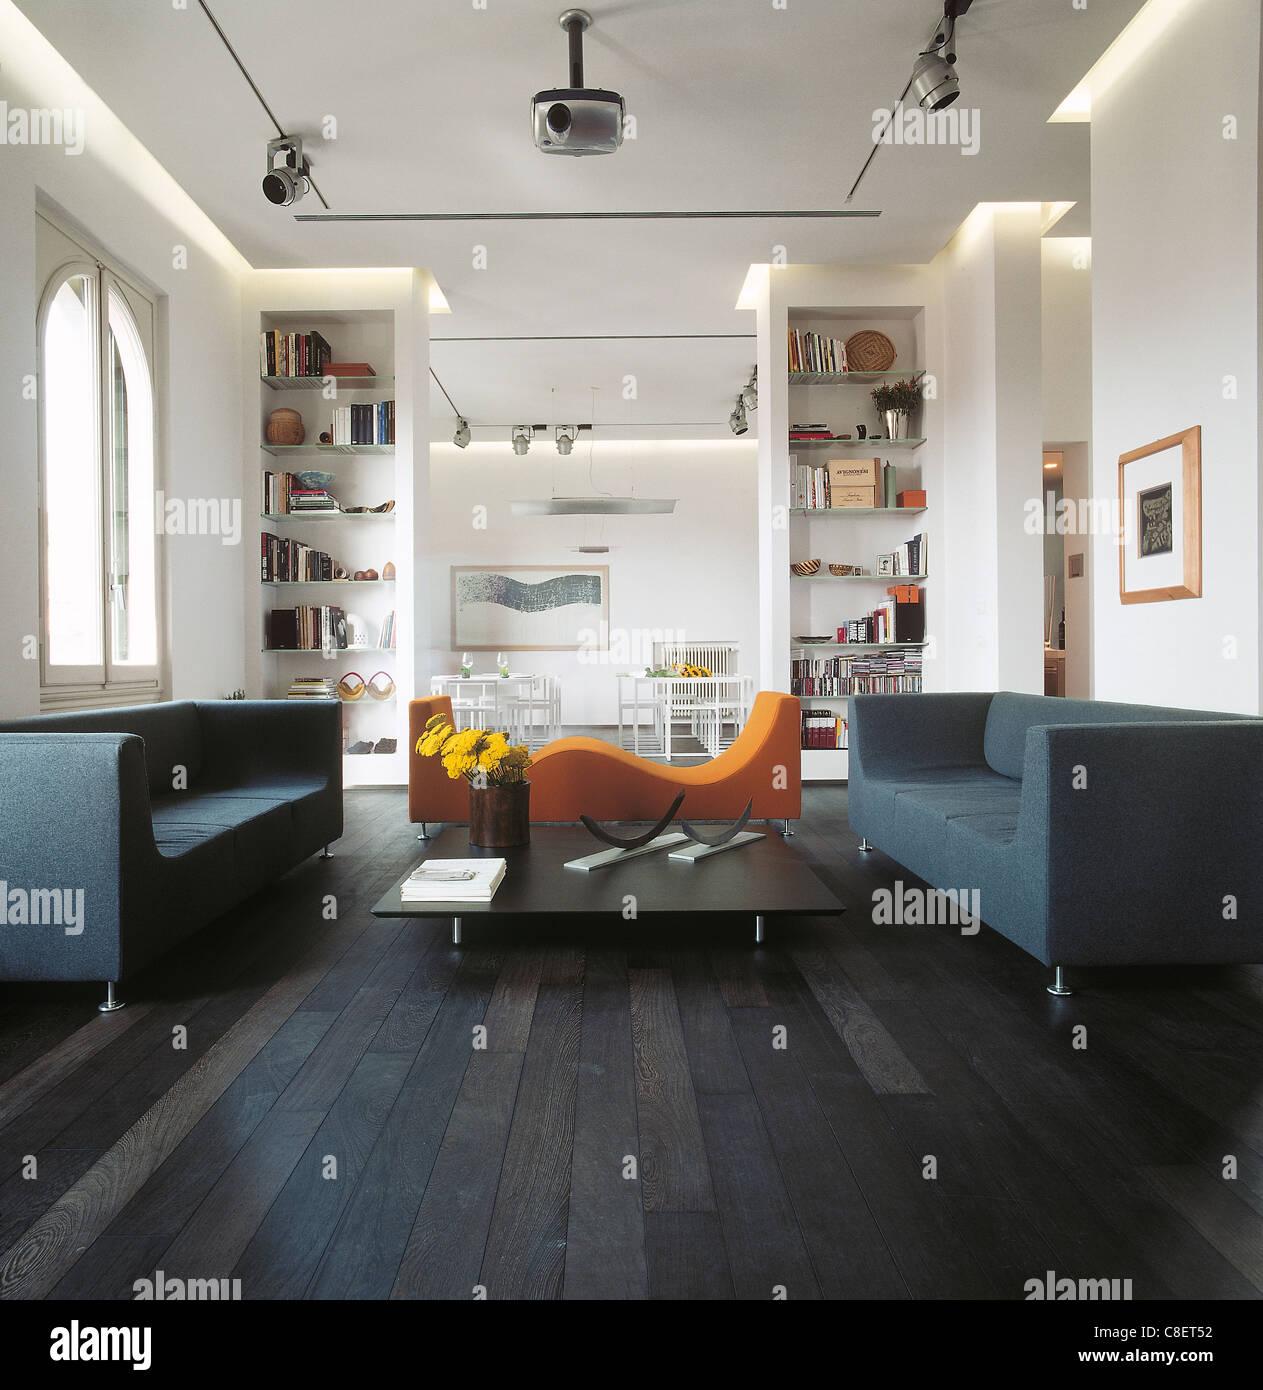 Interieur D Un Salon Dans Une Maison Contemporaine Avec Meubles De